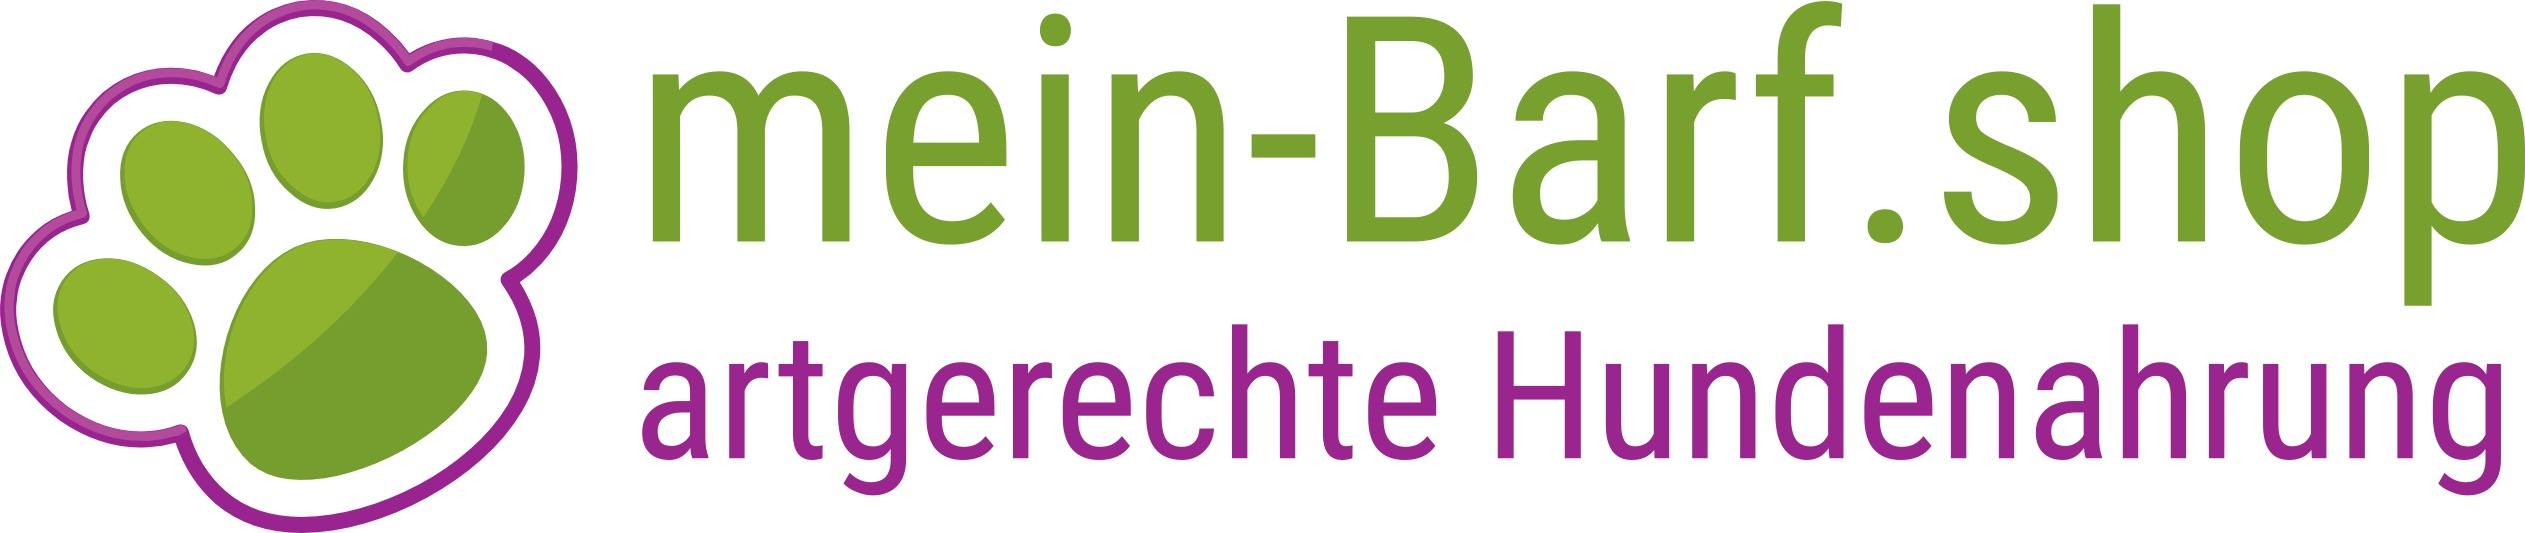 mein-barf.shop-Logo